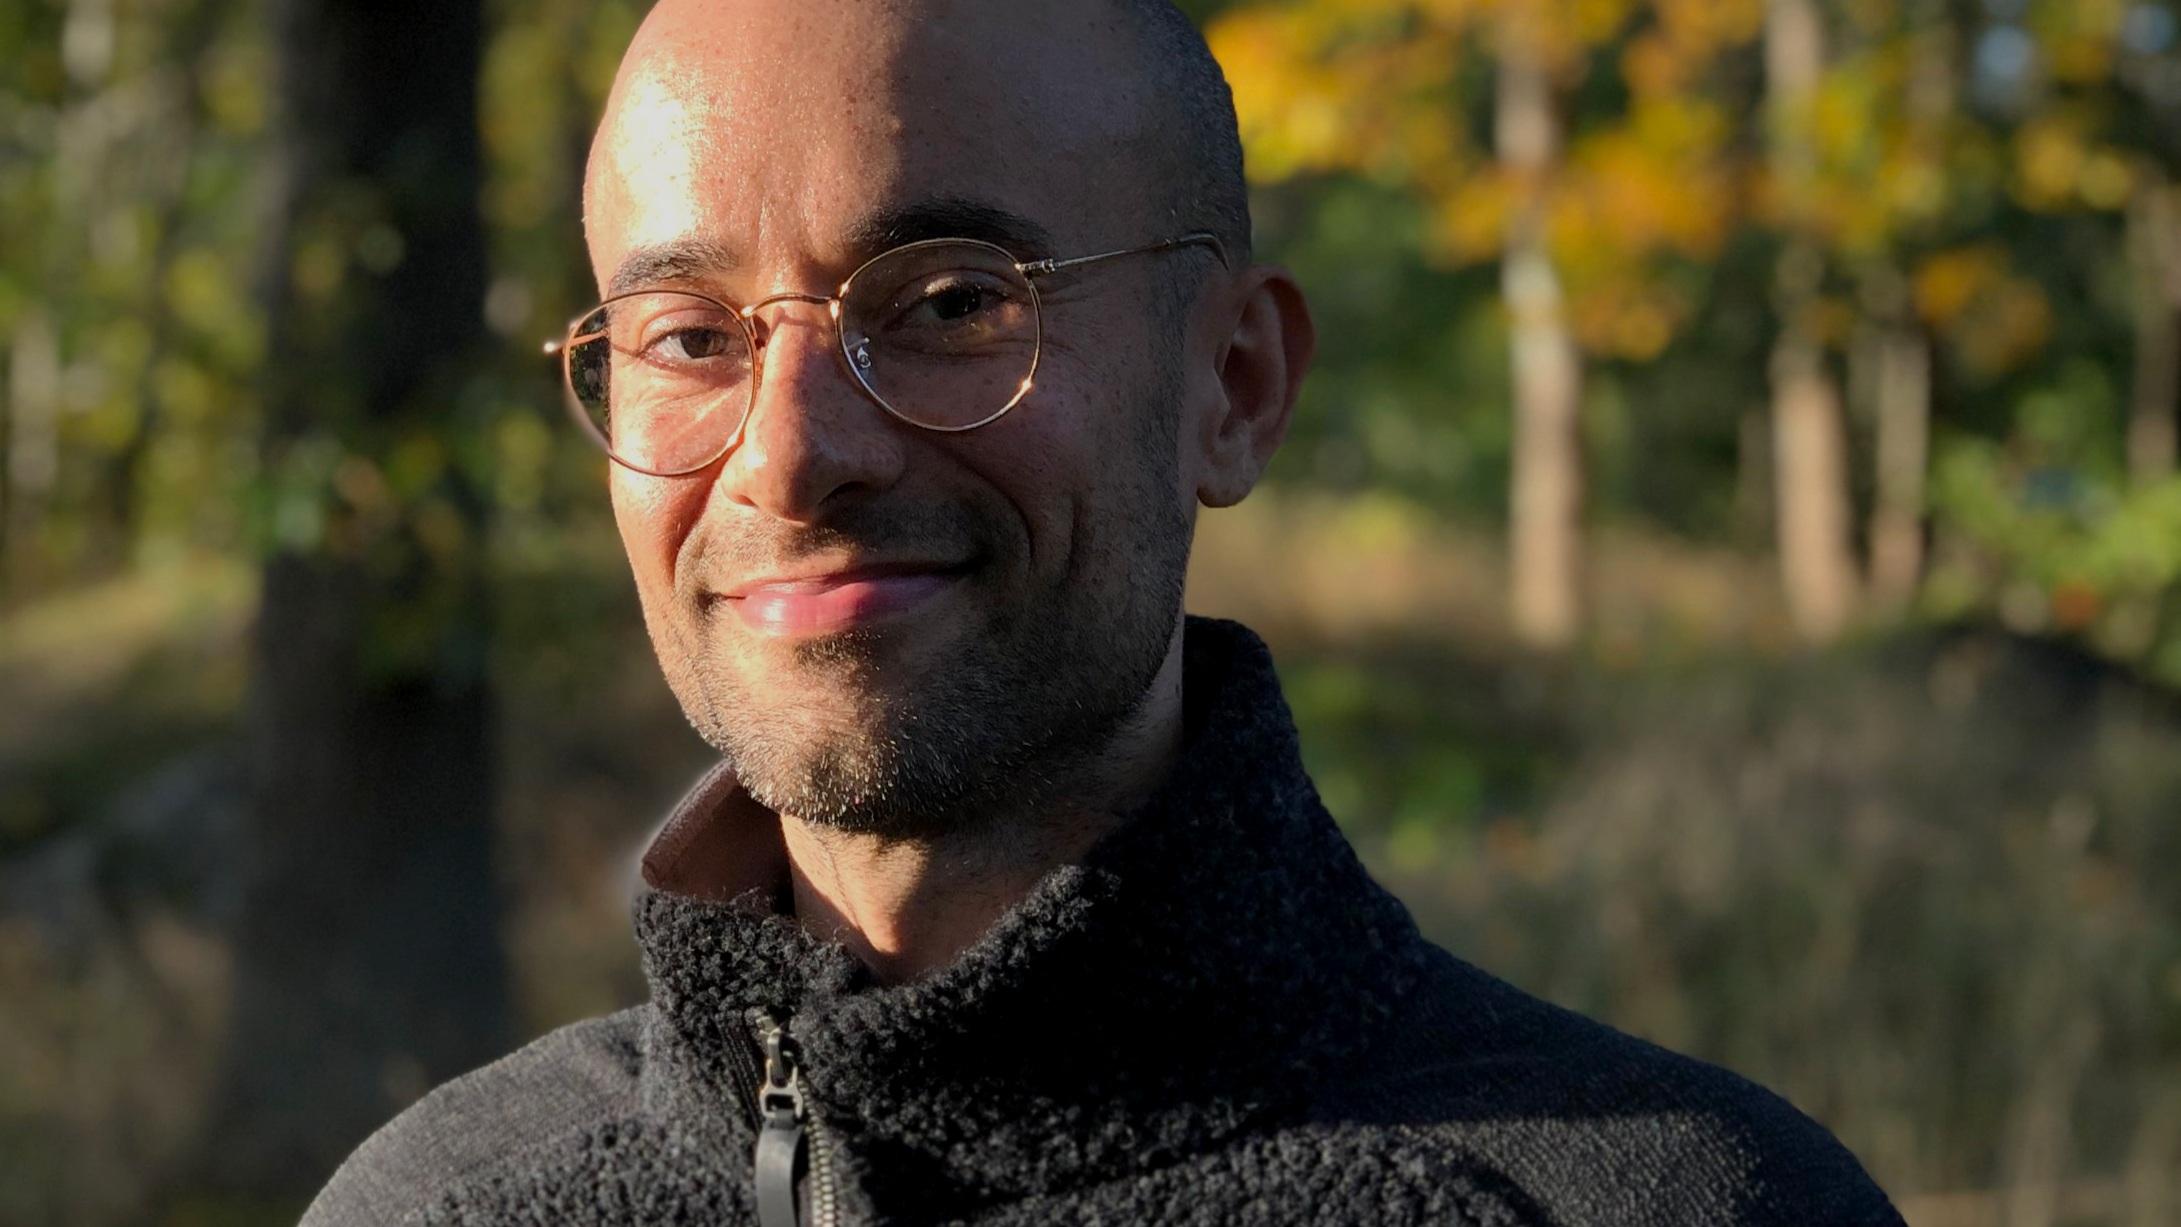 Daniel Ek - Om meditation & relationerlanseras 24 oktober